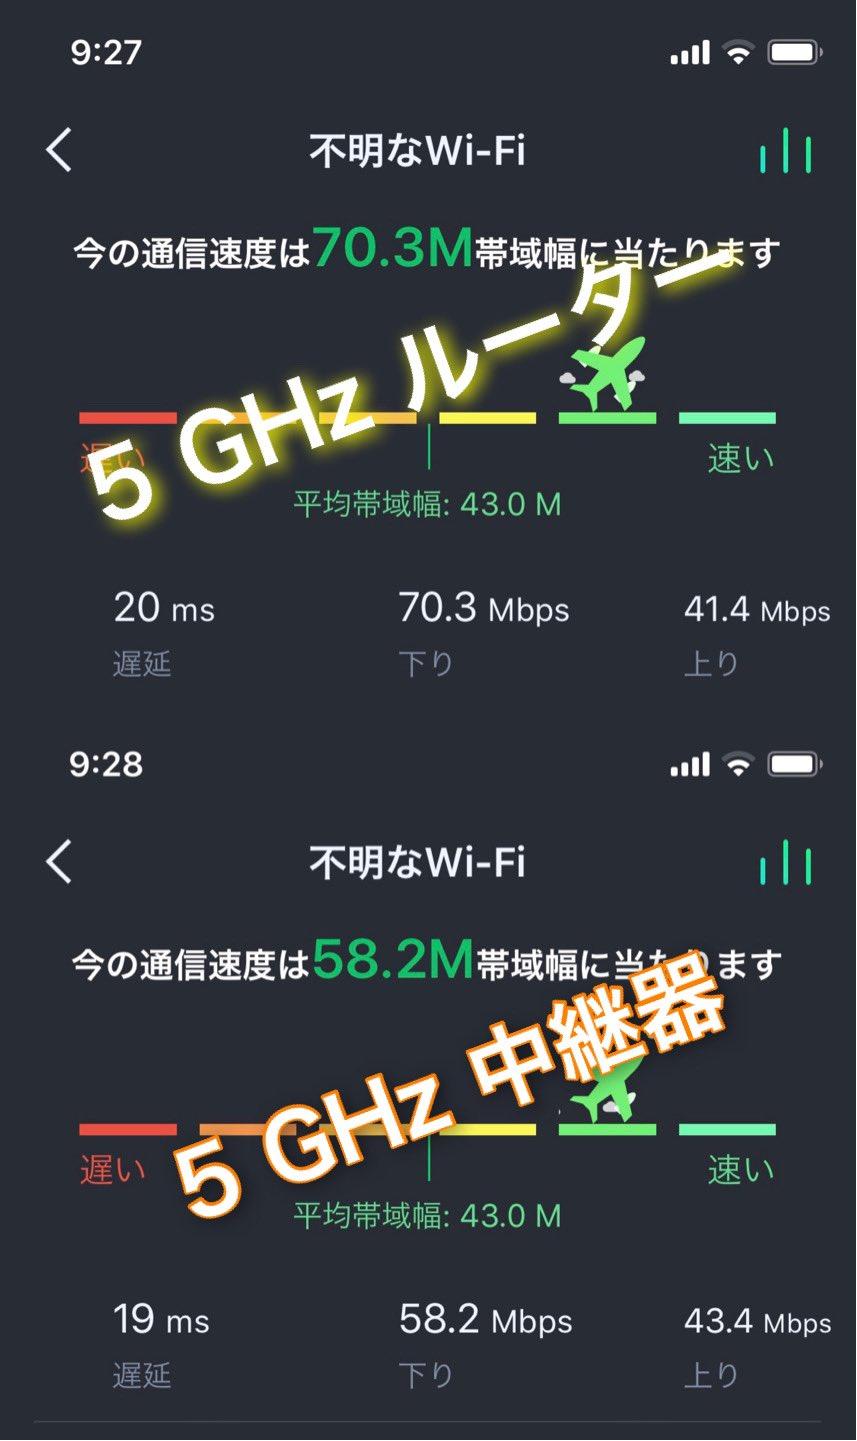 Wi-Fi 中継器を買った。玄関に設置して、庭から 5GHz 通信速度計測してみたけど、中継器のほうが遅かった(  ;∀;) 性能の問題か、設置場所の問題か。2回計測してみたけどだいたい同じ感じ。2.4GHz ではルーターも中継器もほぼ同じ速度。 https://t.co/9xAgPVRIXK